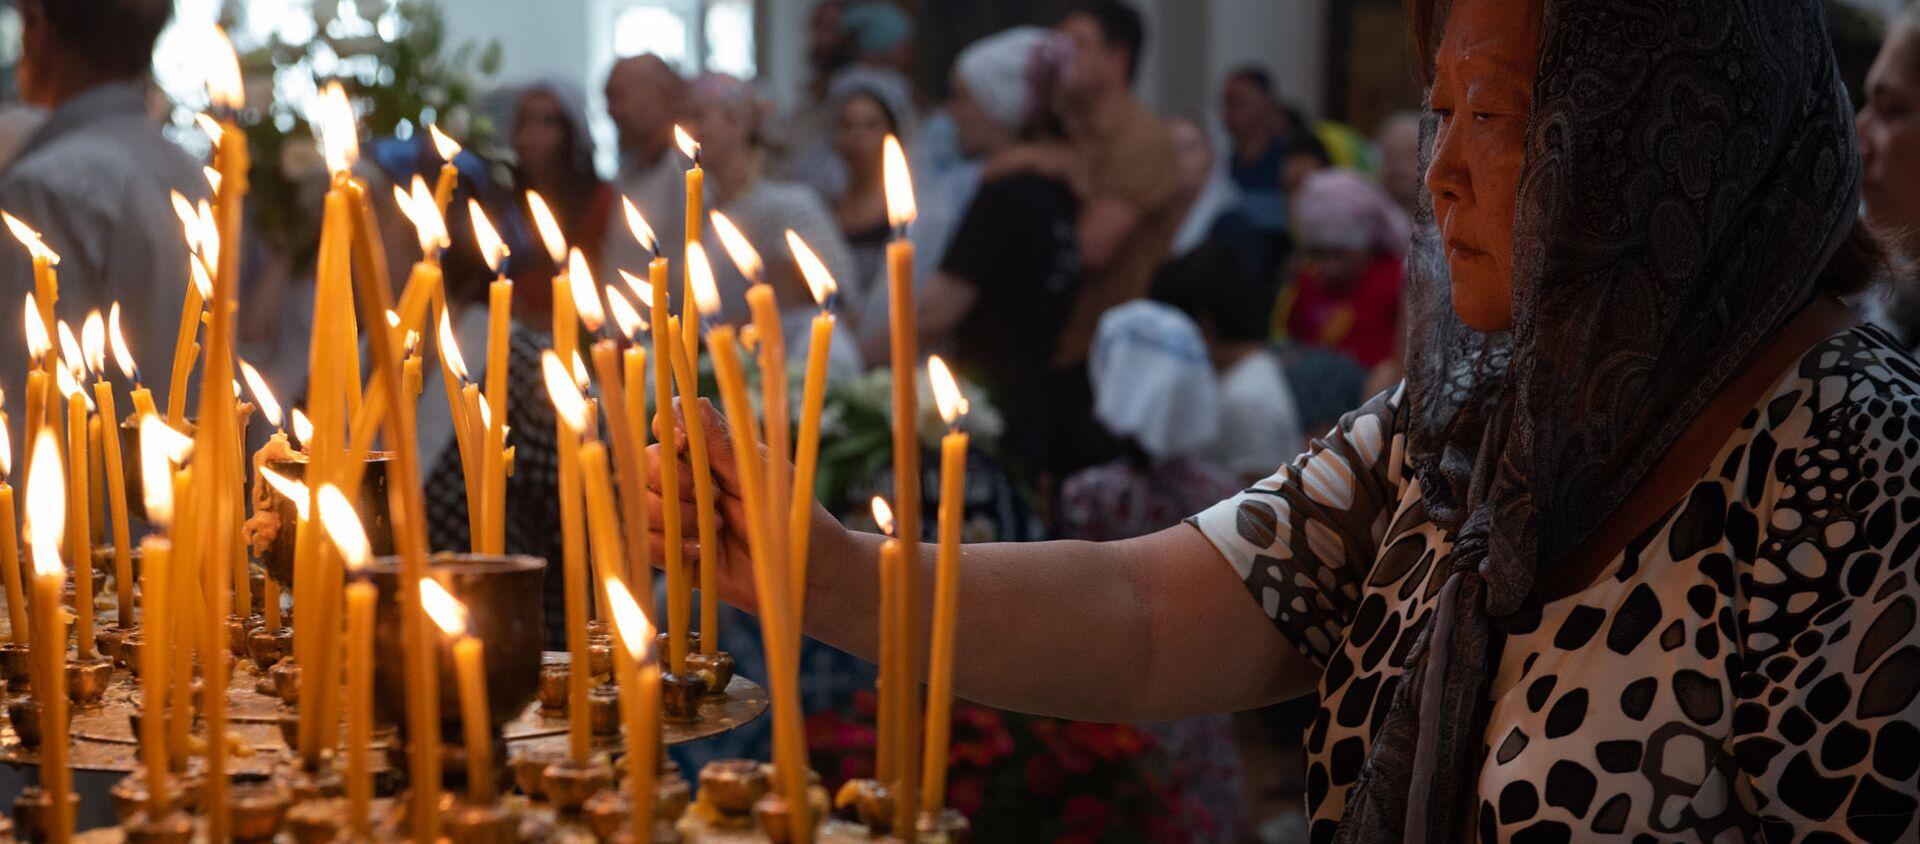 Праздник успения отмечают православные христиане Абхазии - Sputnik Абхазия, 1920, 28.08.2020